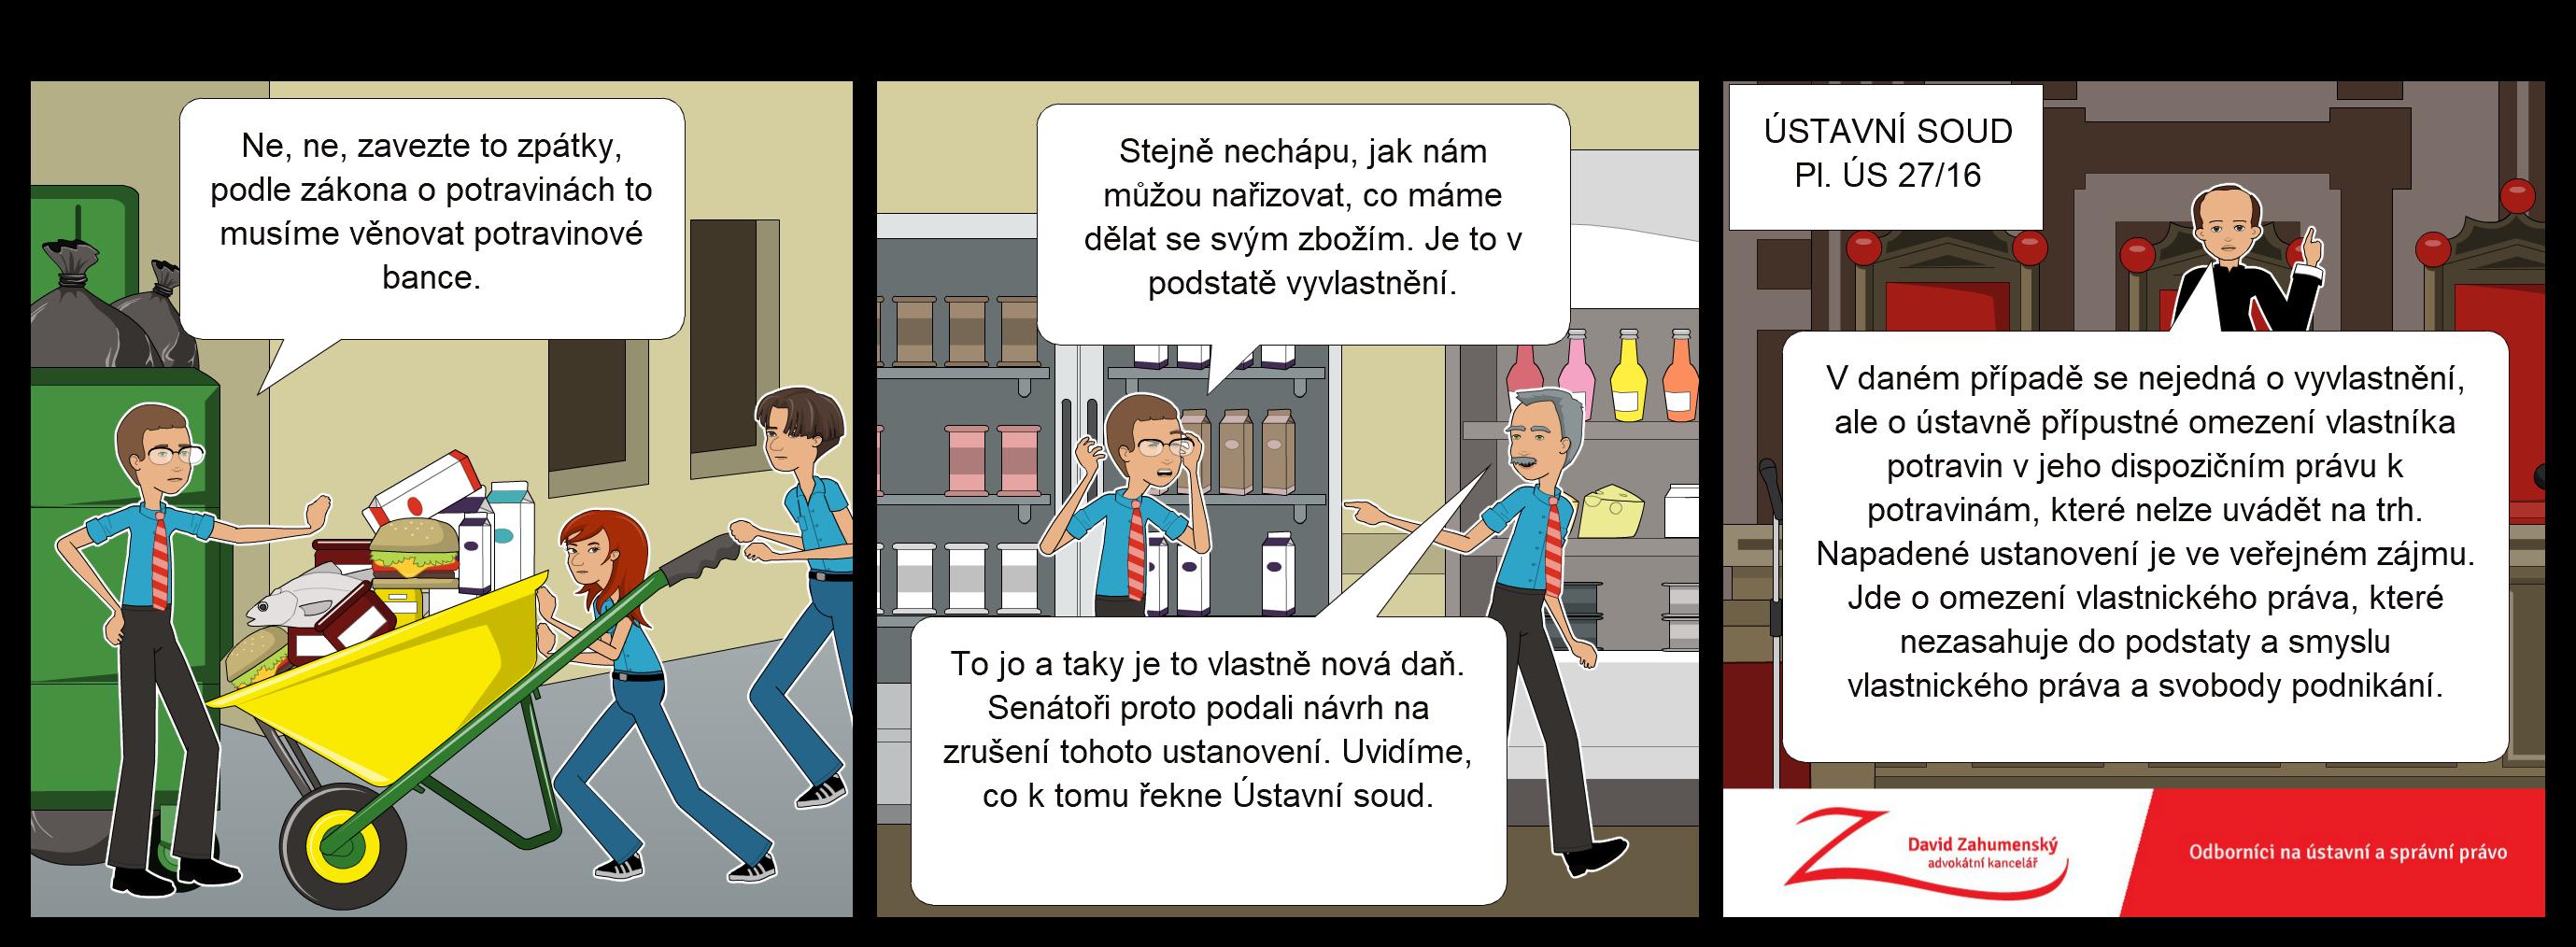 Komiks k nálezu Ústavního soudu č. 42